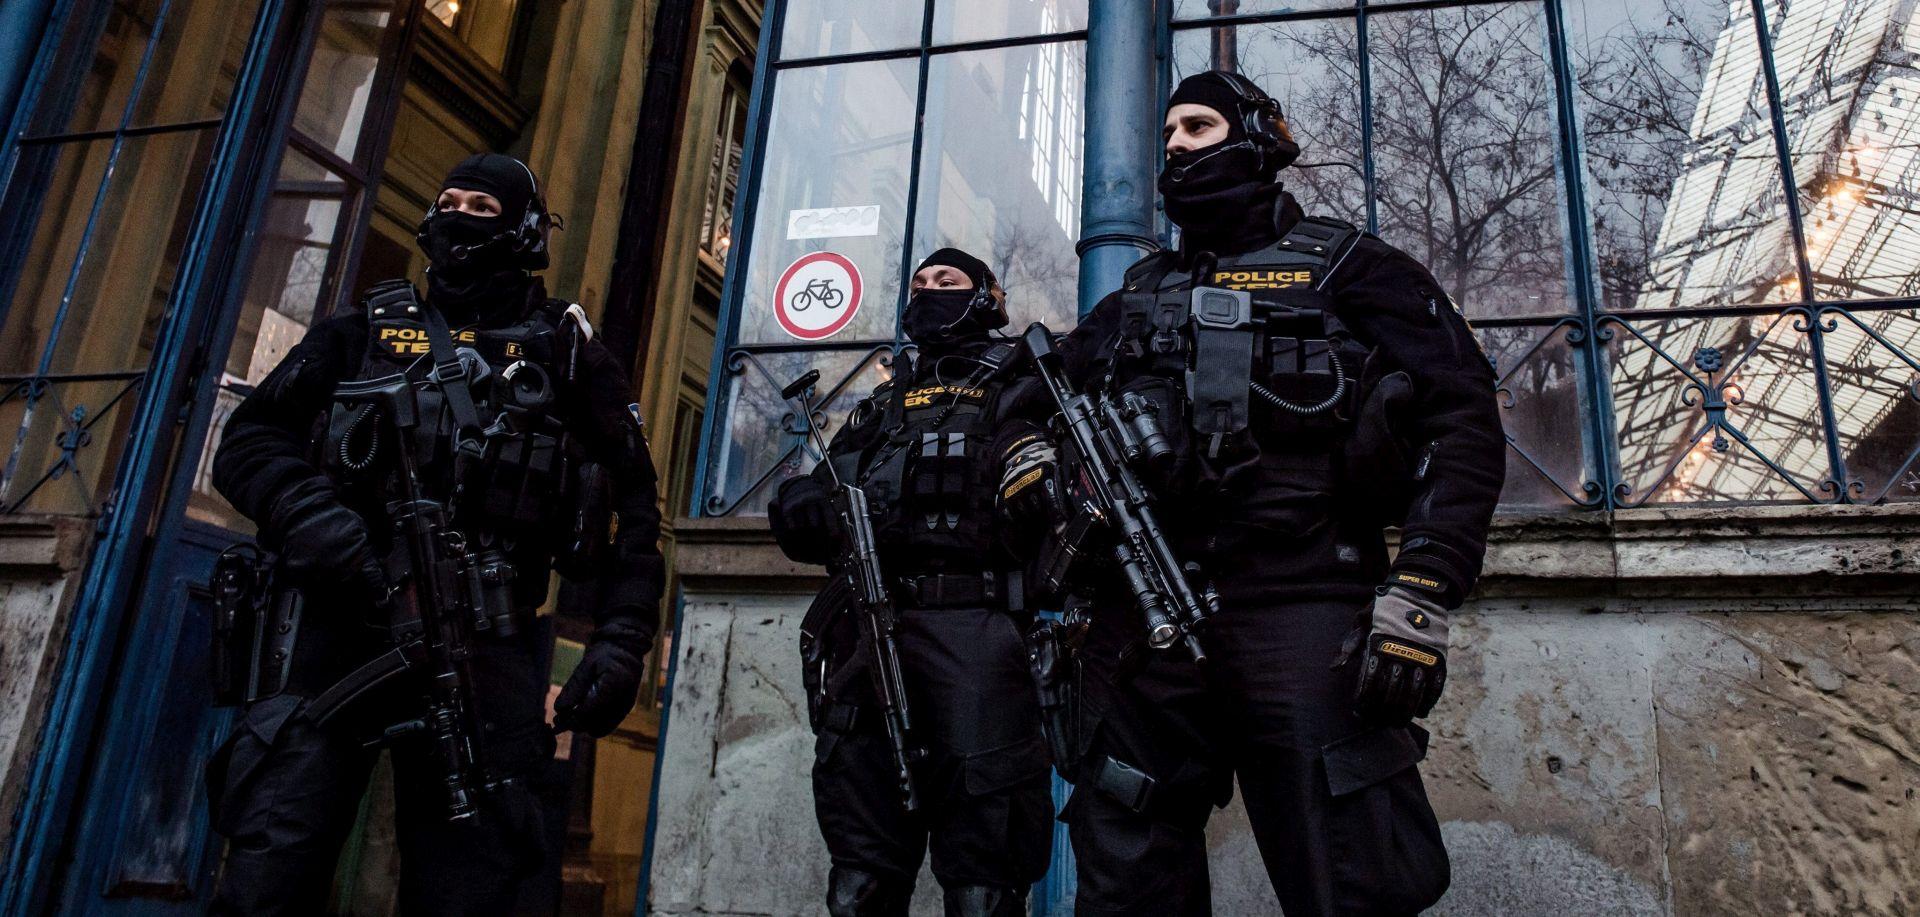 NASTAVAK ISTRAGE: Njemačka intenzivno traži eventualne Amrijeve pomagače